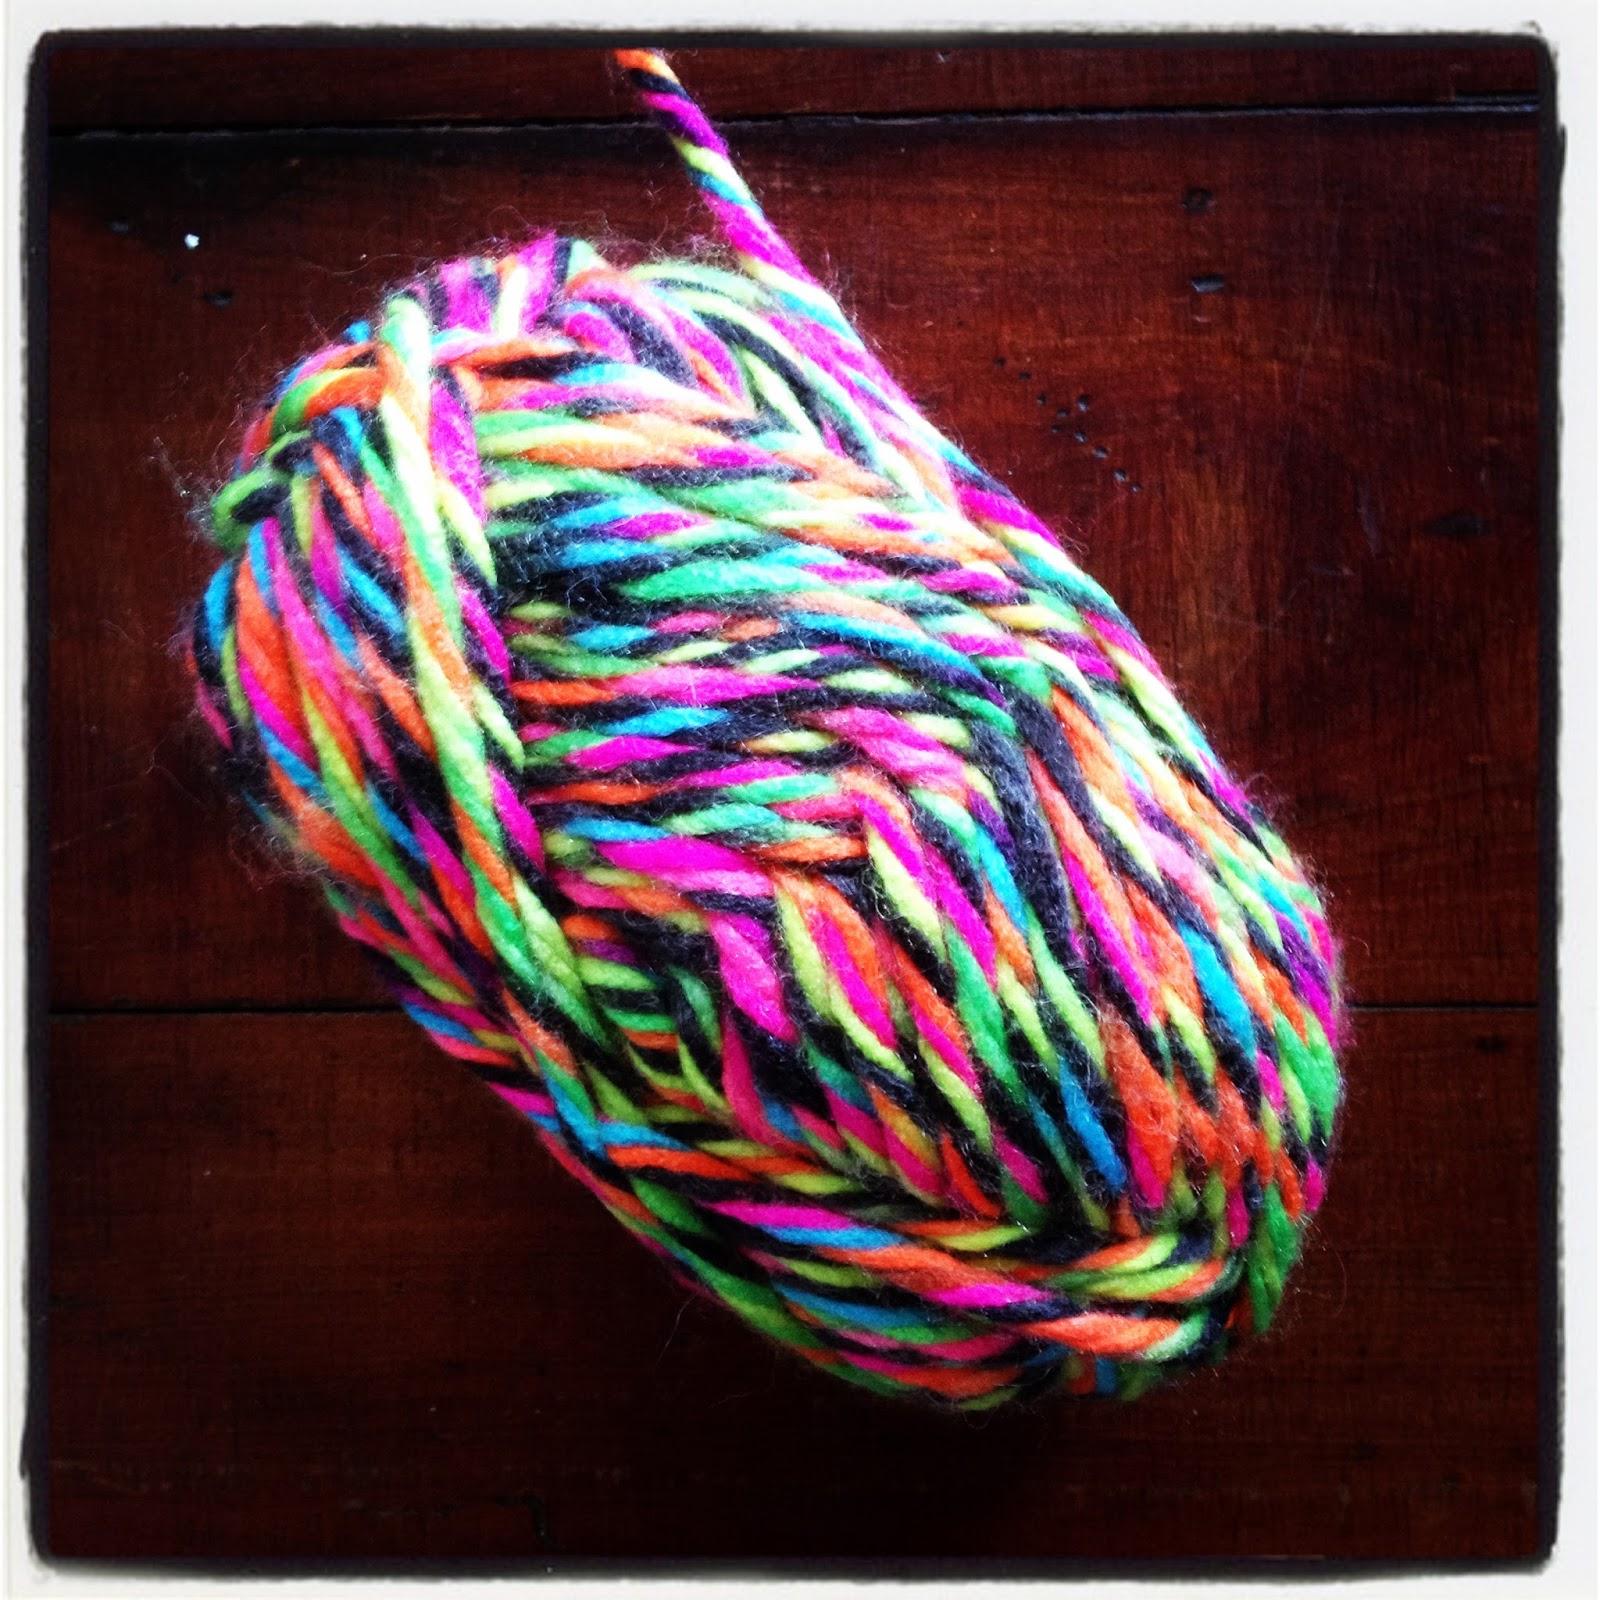 Blue Jacaranda by Linda Robertus: Wine bottle cover - knitting pattern